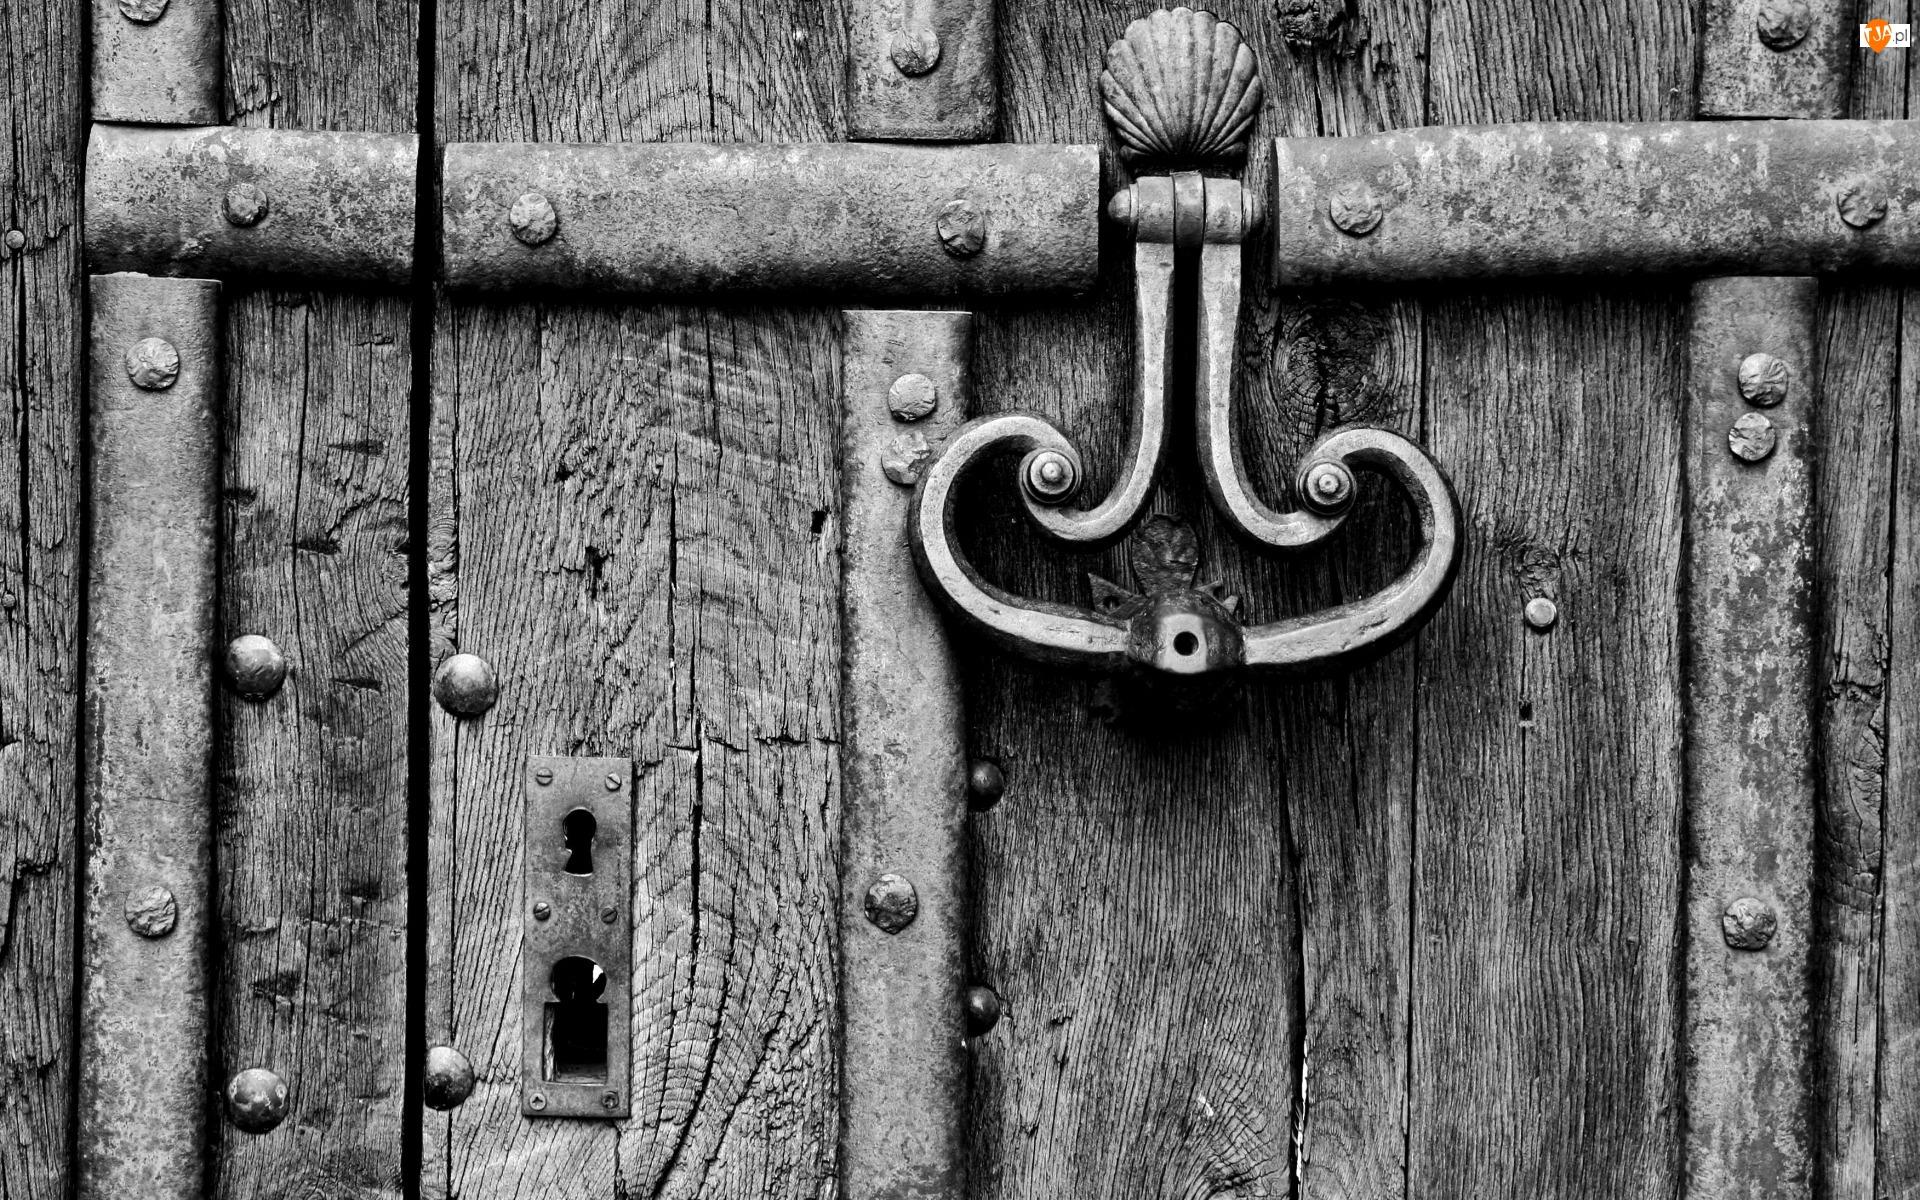 Kołatka, Drewniane, Drzwi